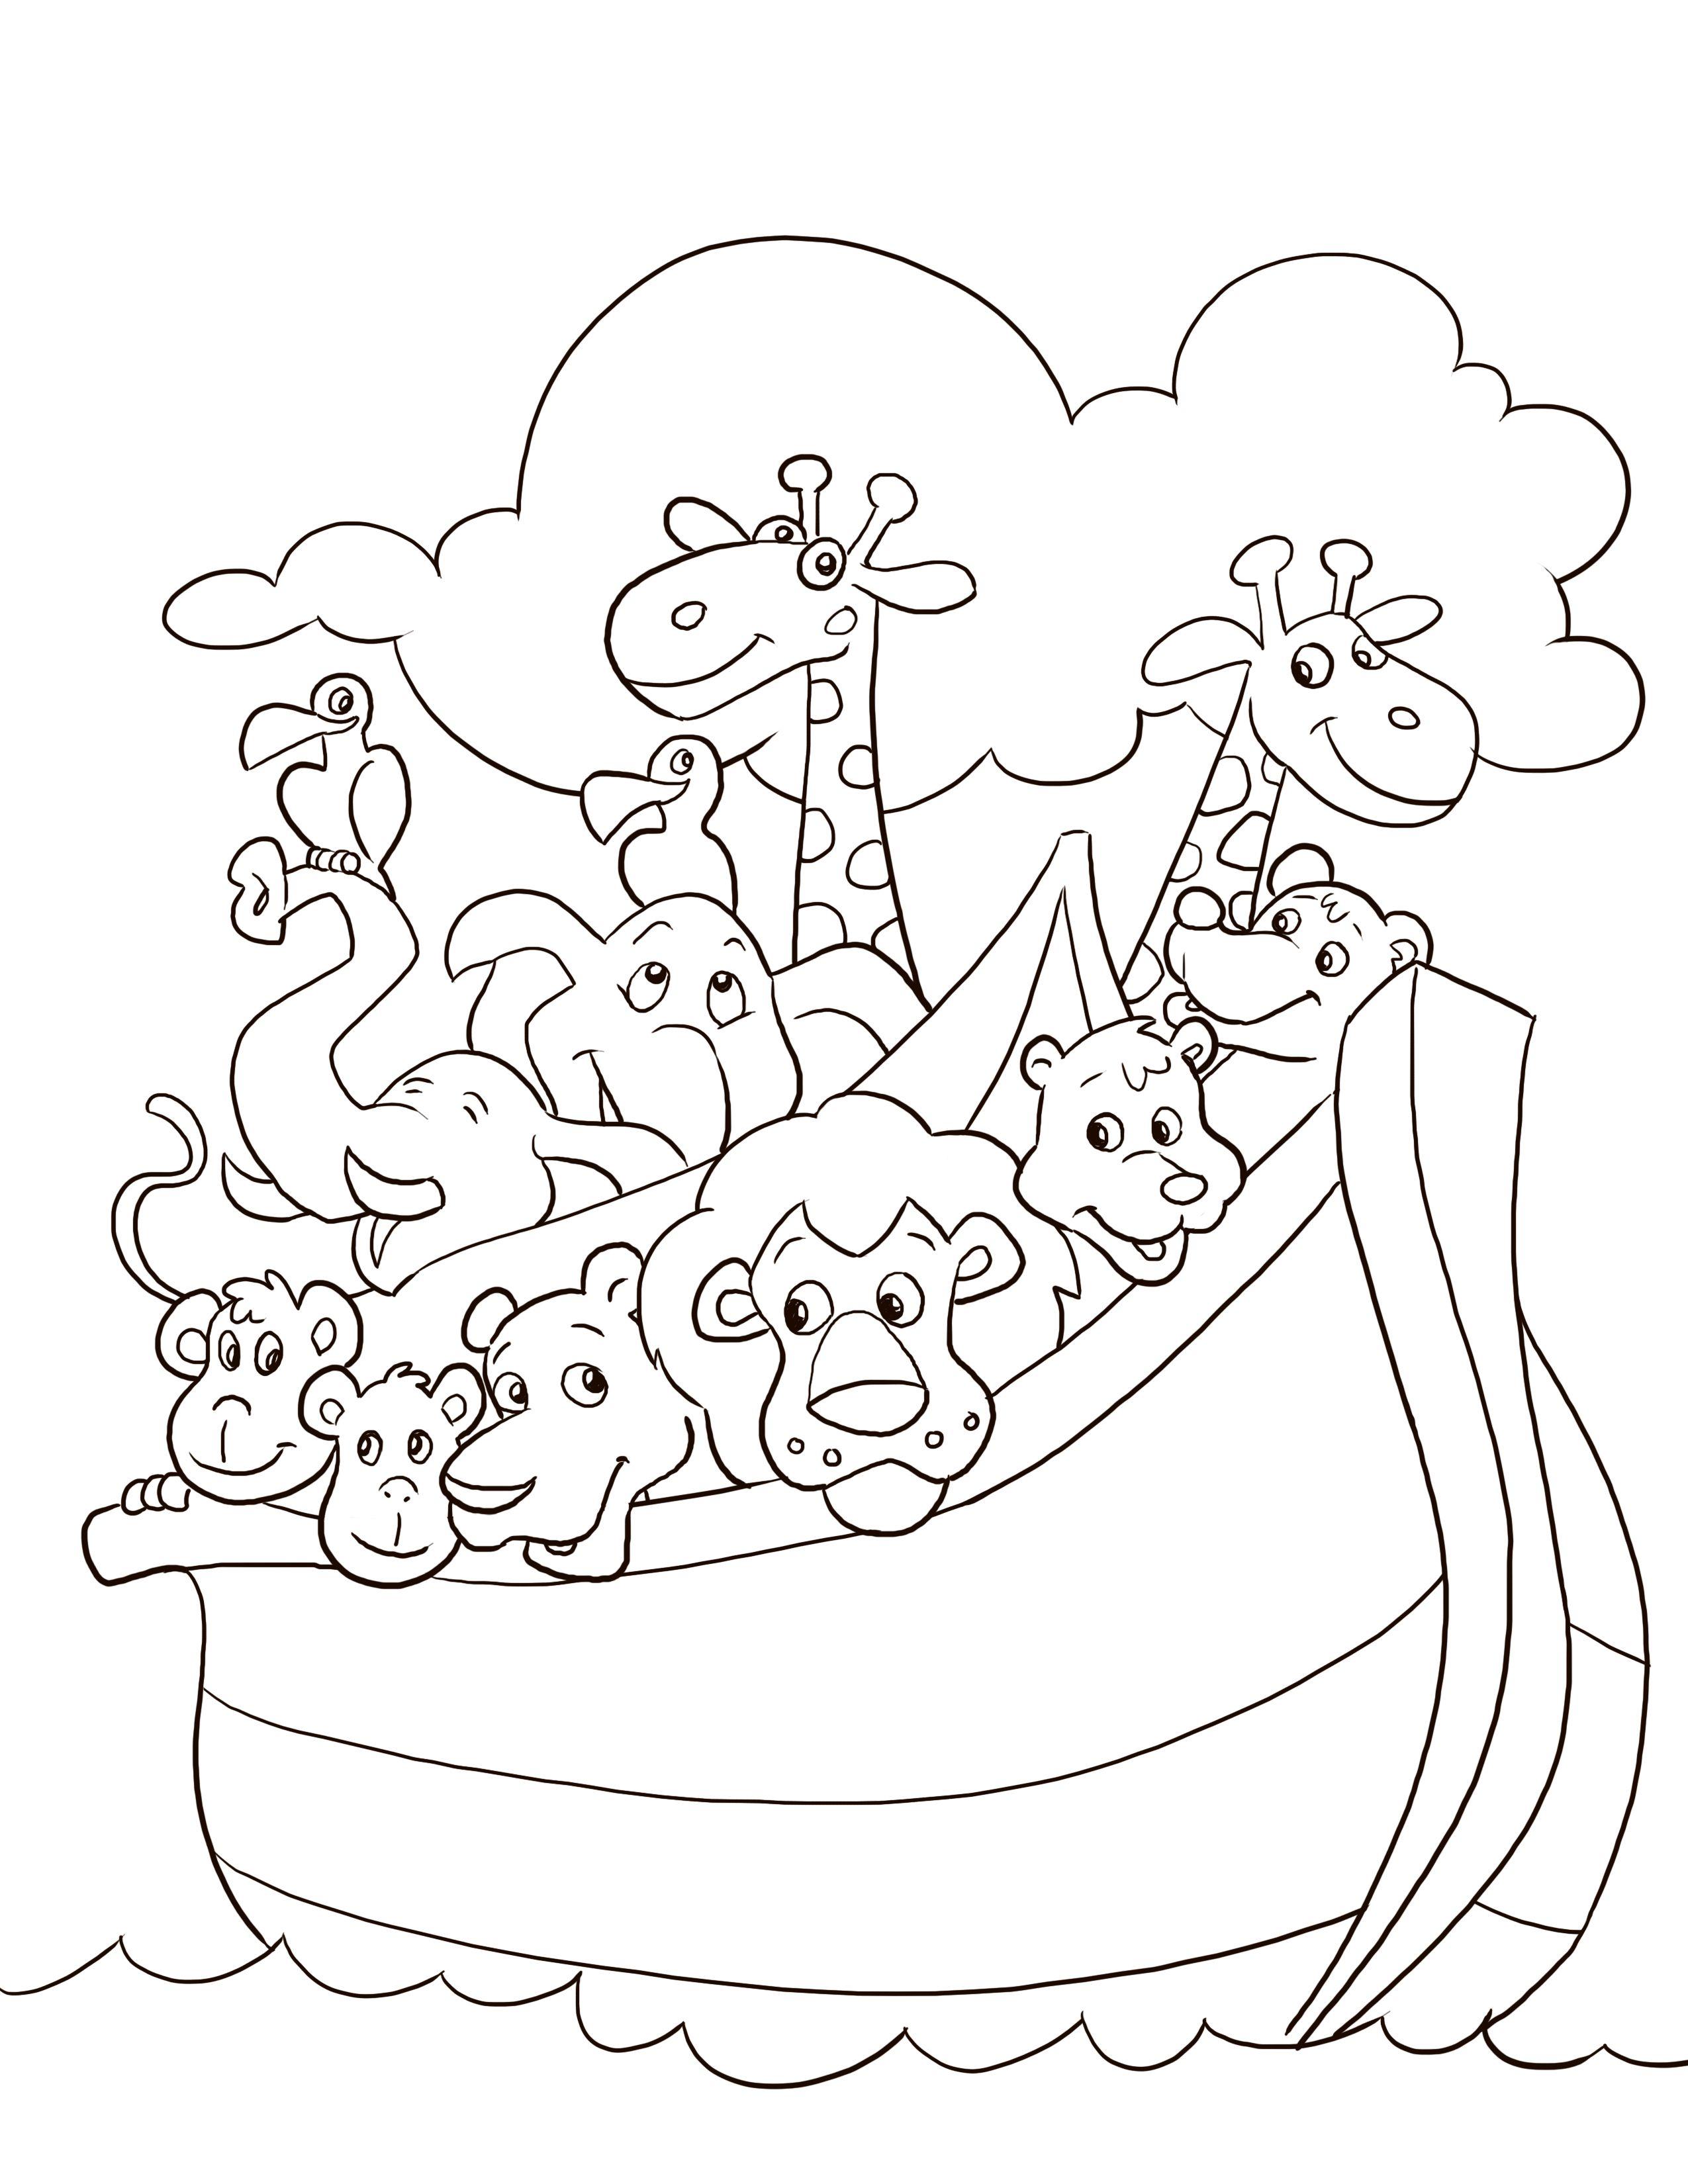 Noah S Ark Coloring Page Desenhos Biblicos Para Colorir Arca De